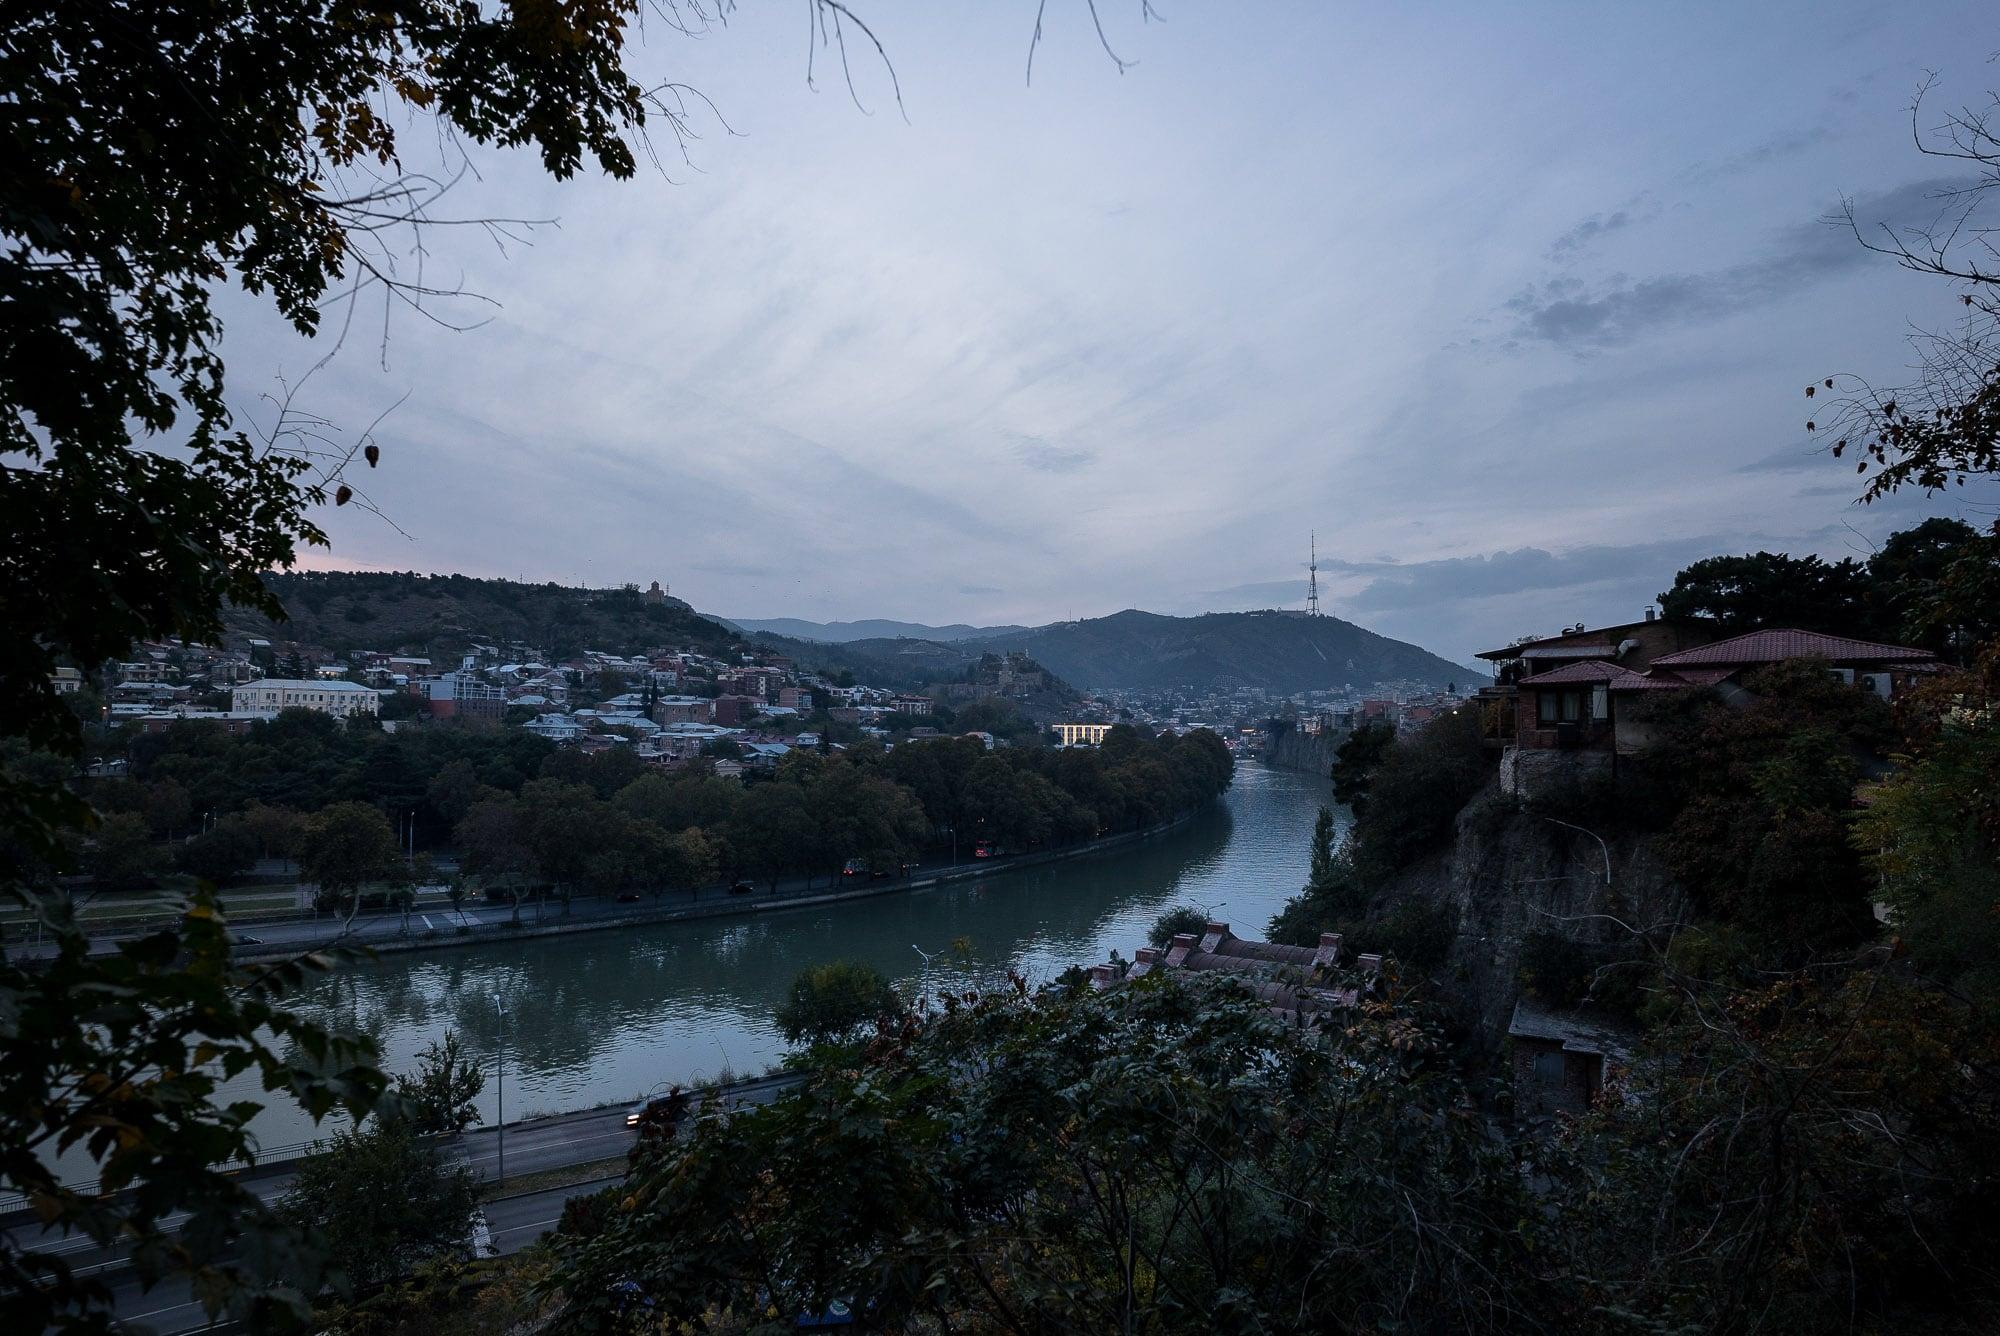 Tbilisi at dusk